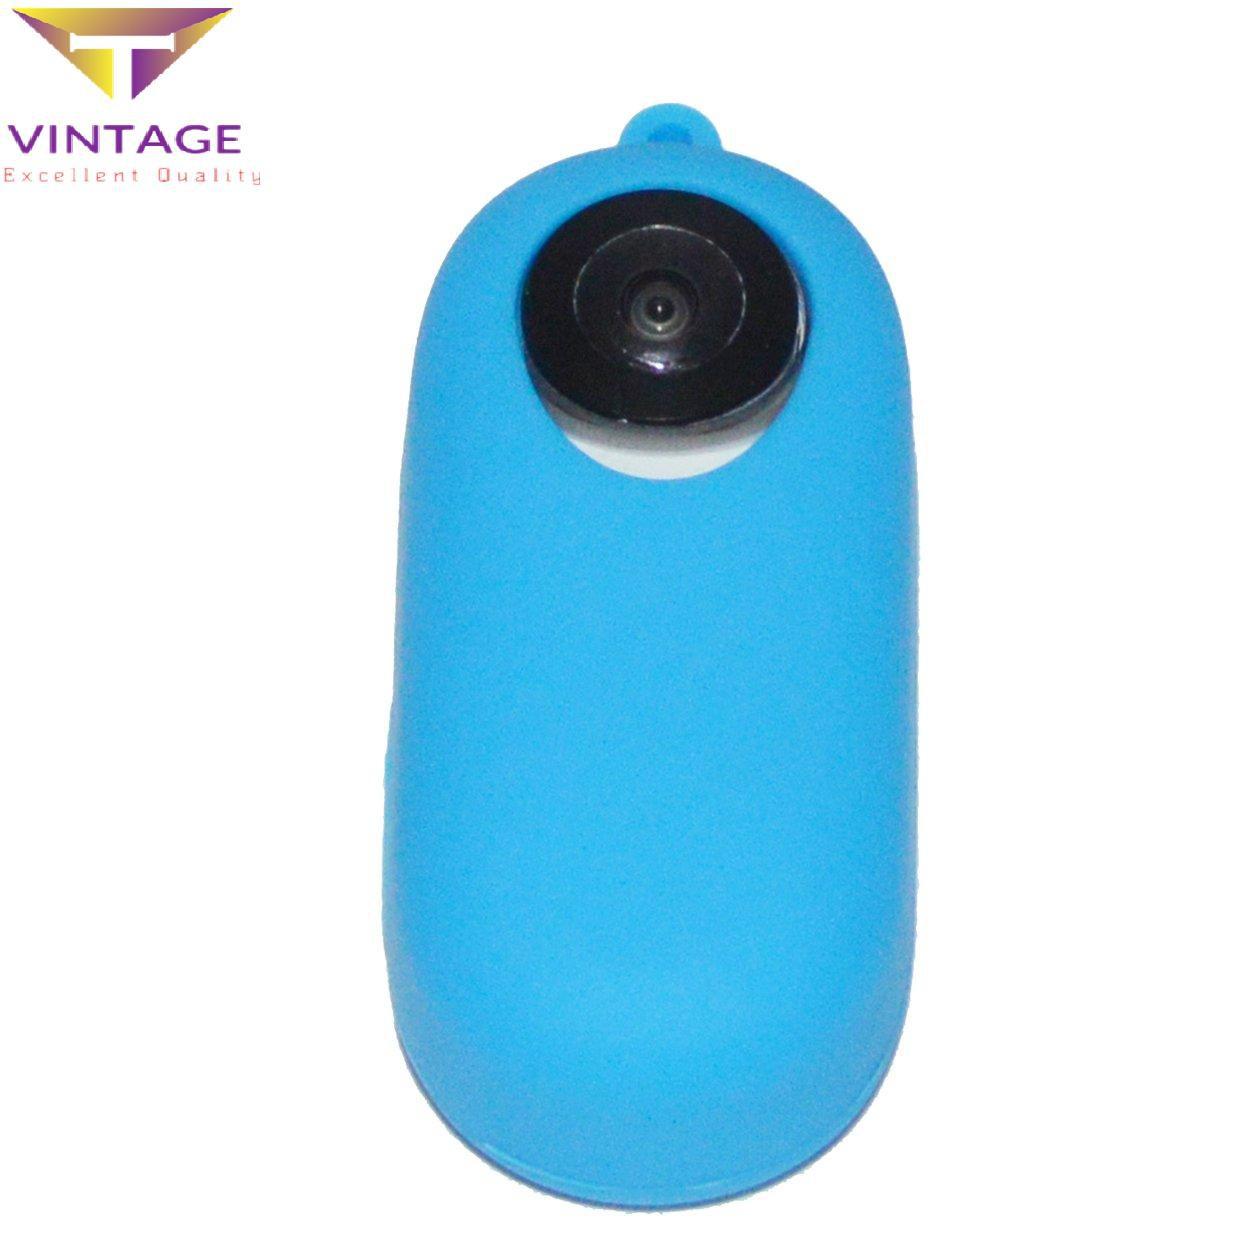 淺藍色Insta360 GO拇指防抖相機矽膠套